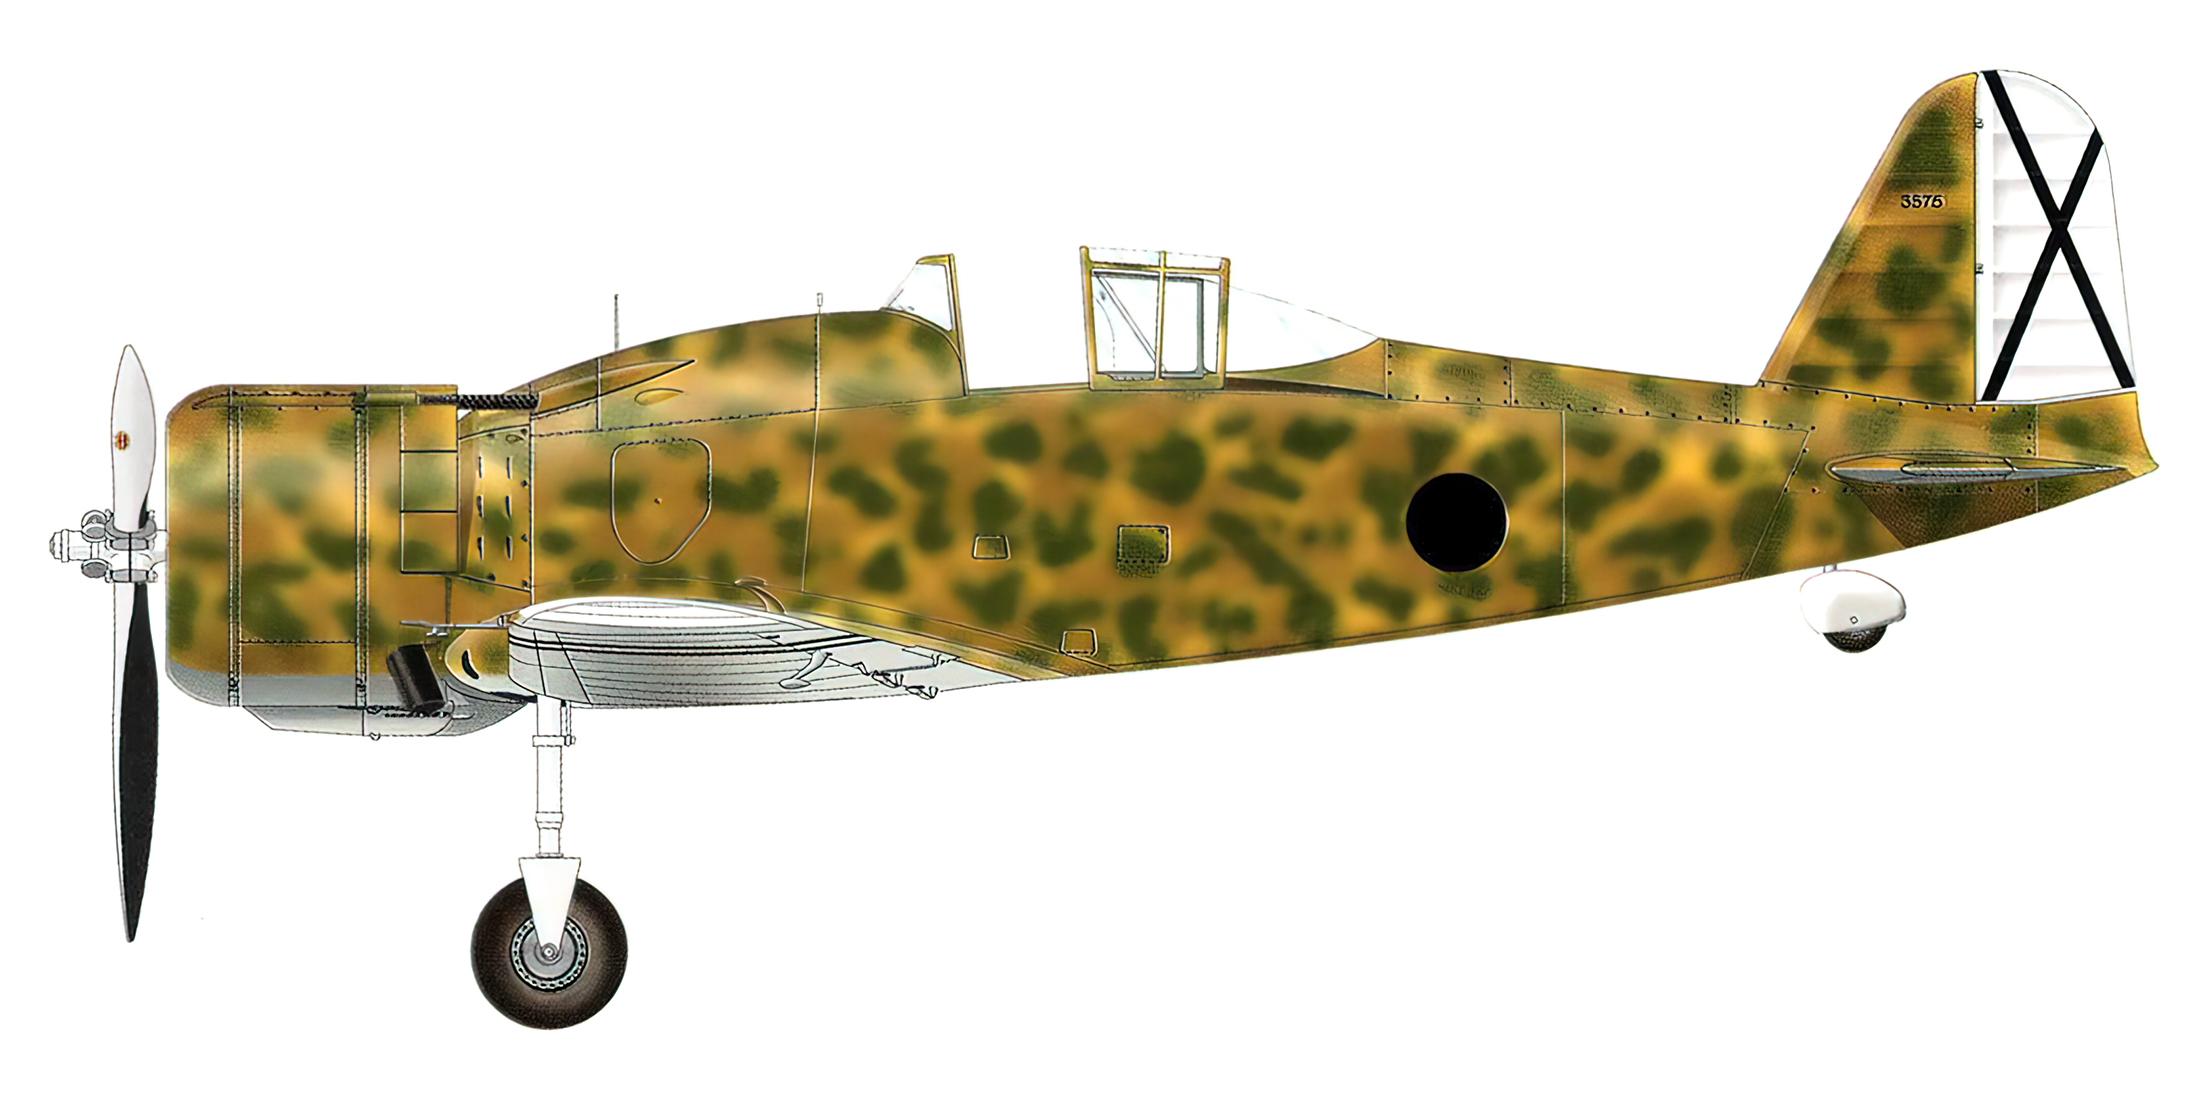 Fiat G50 Aviazione Legionaria 13 Gruppo Caccia MM3575 Enzo Martizza Reus Spain Mar 1939 0A